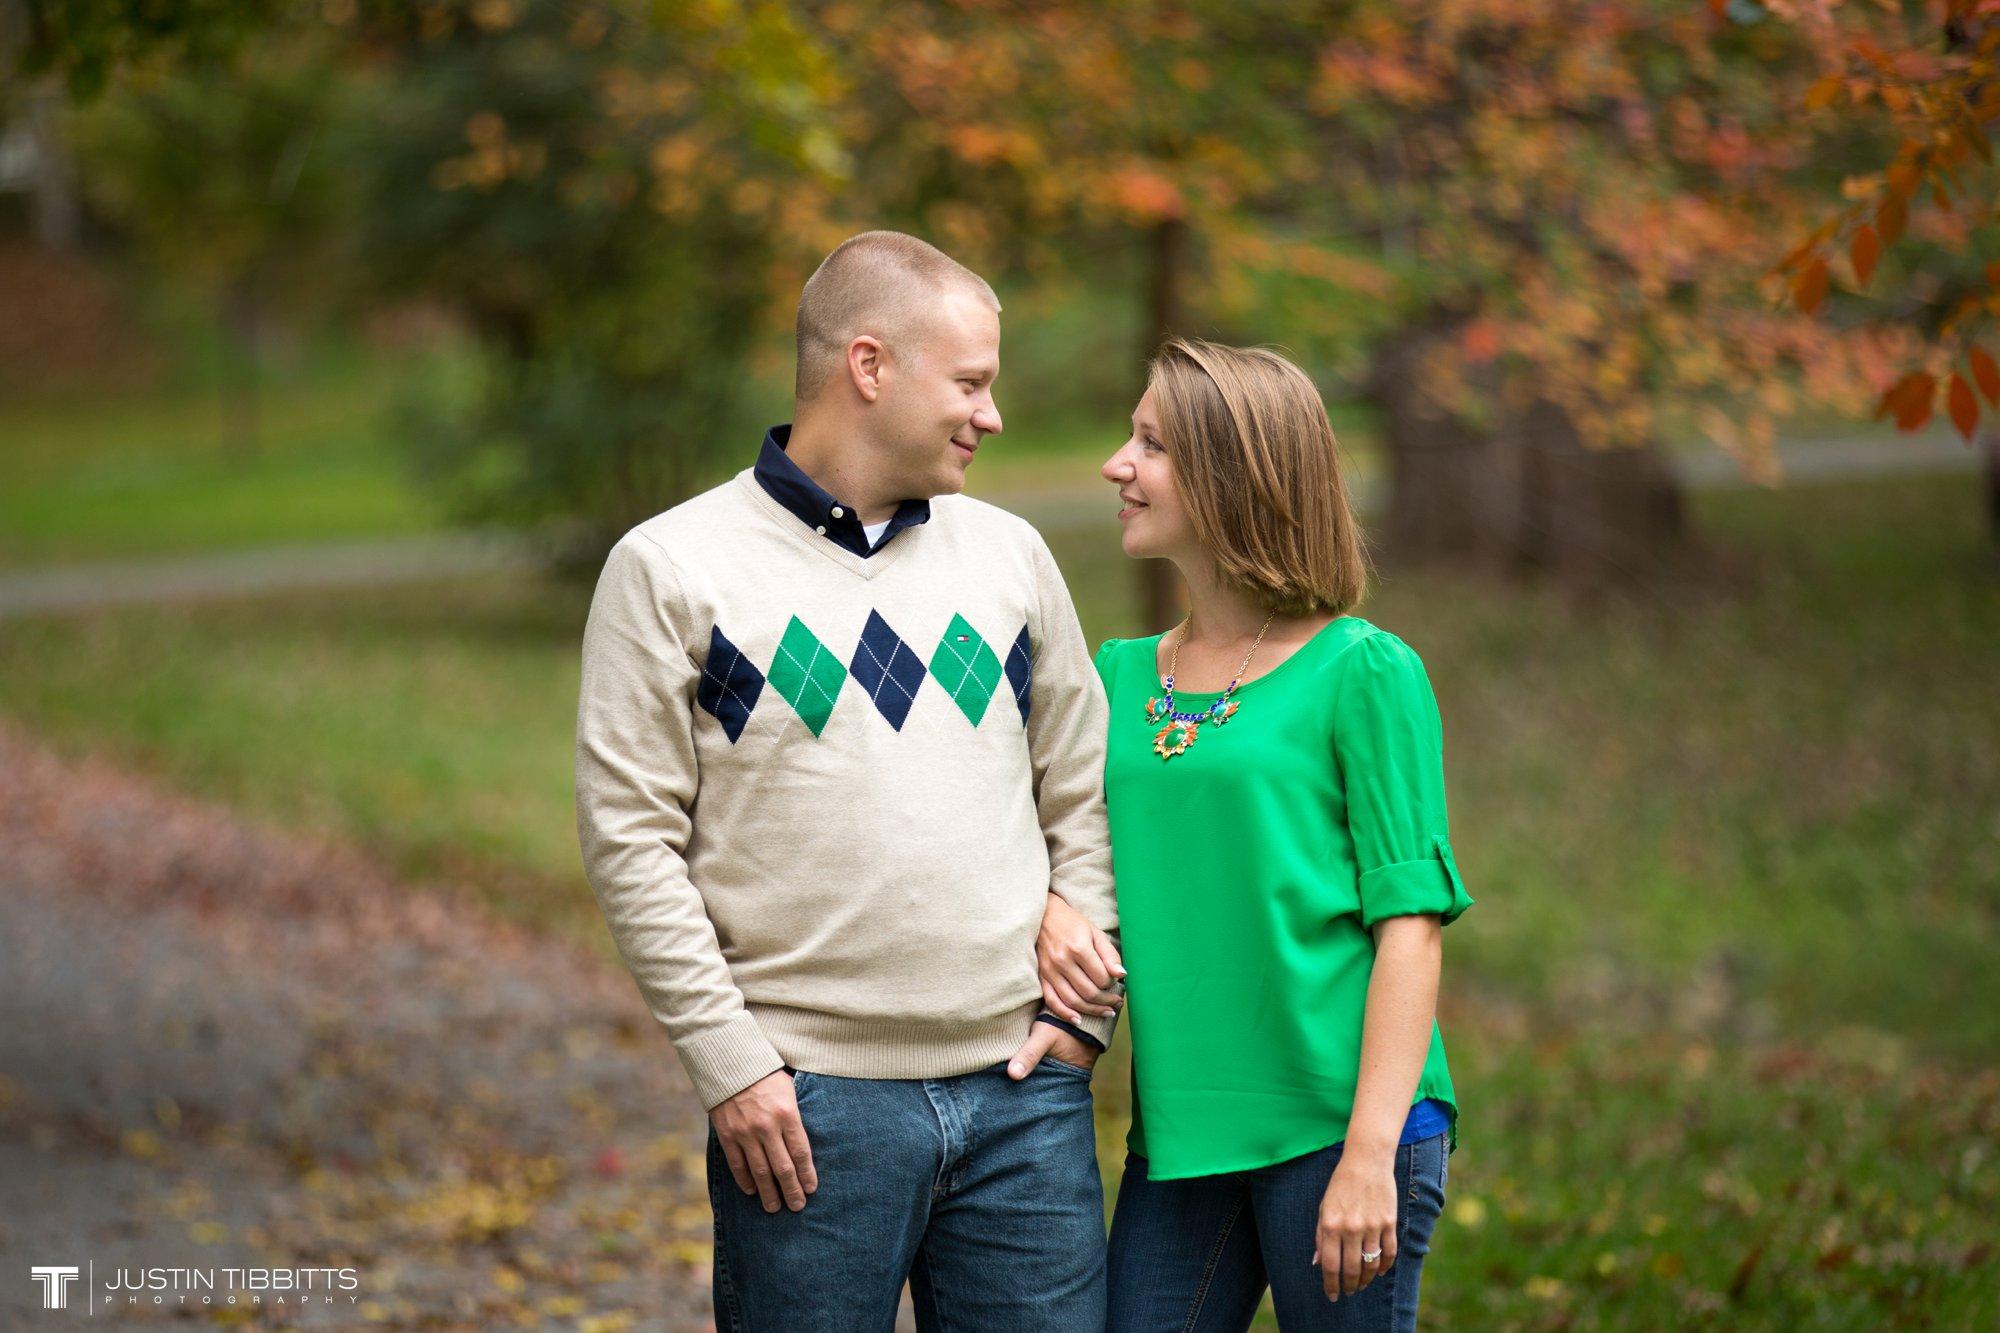 Justin Tibbitts Photography Heather and Stephen Congress Park, Saratoga, NY E-shoot-2